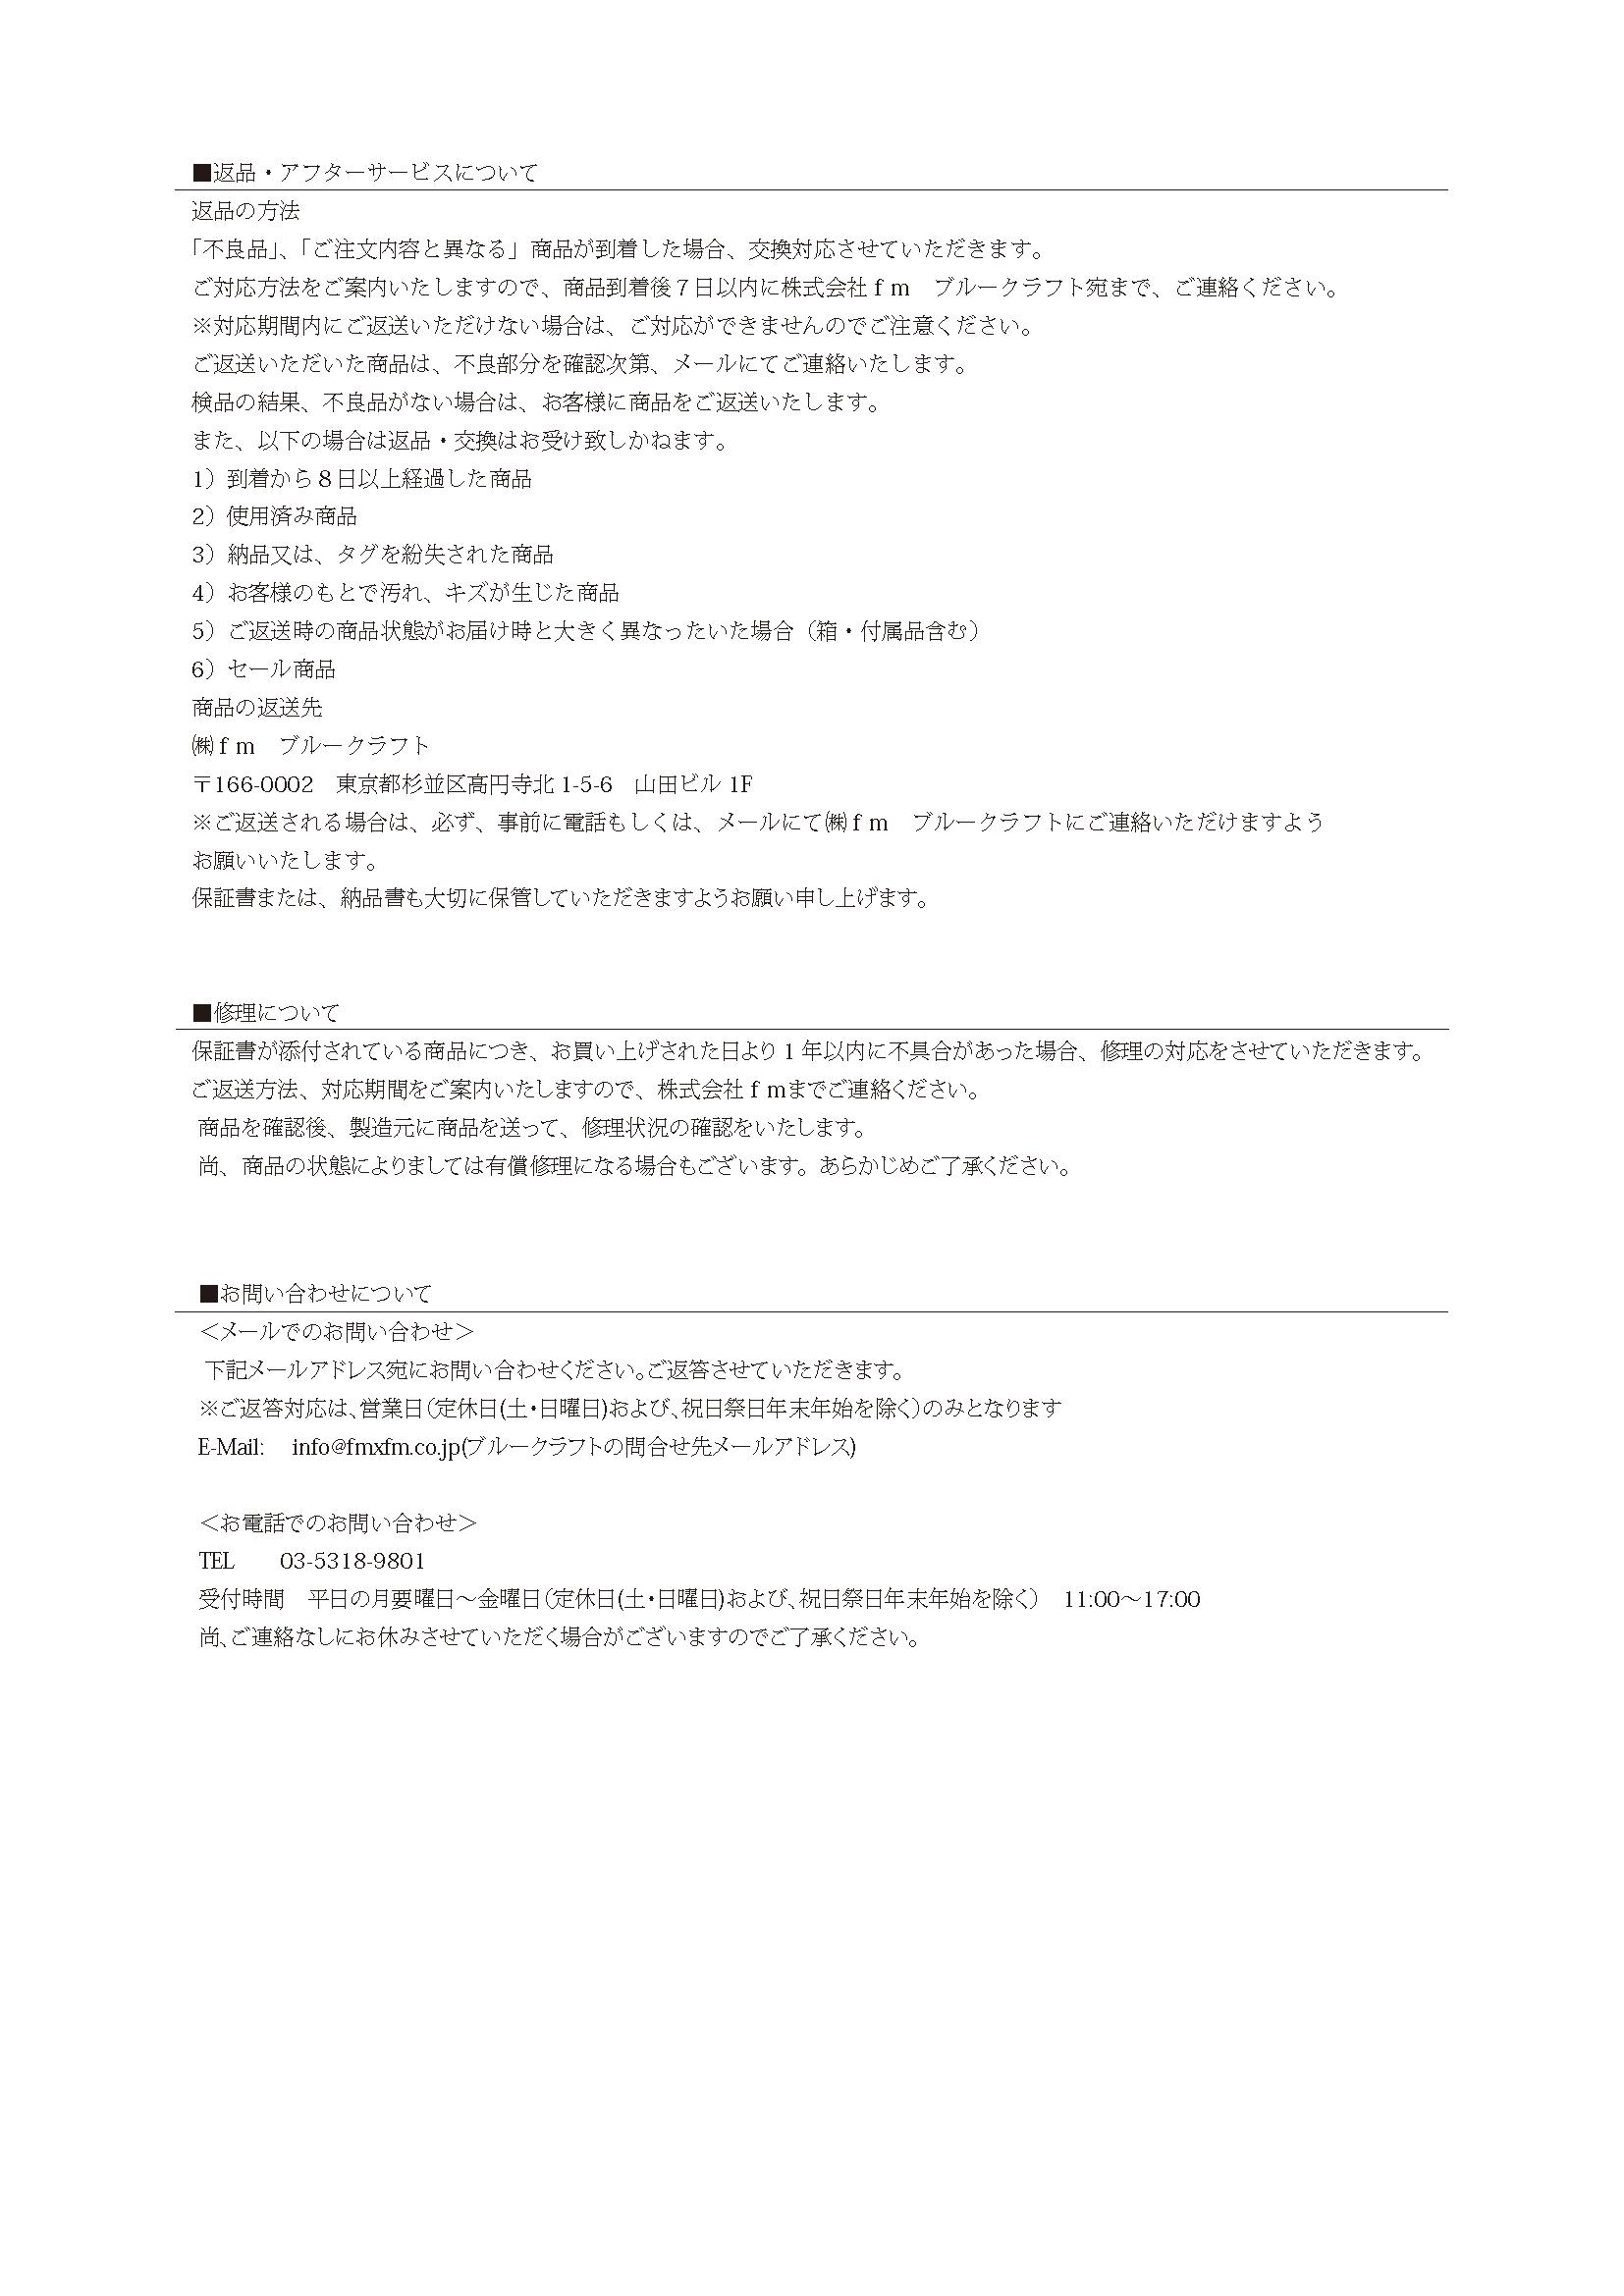 ブルークラフトNEWカタログ02最新_ページ_10